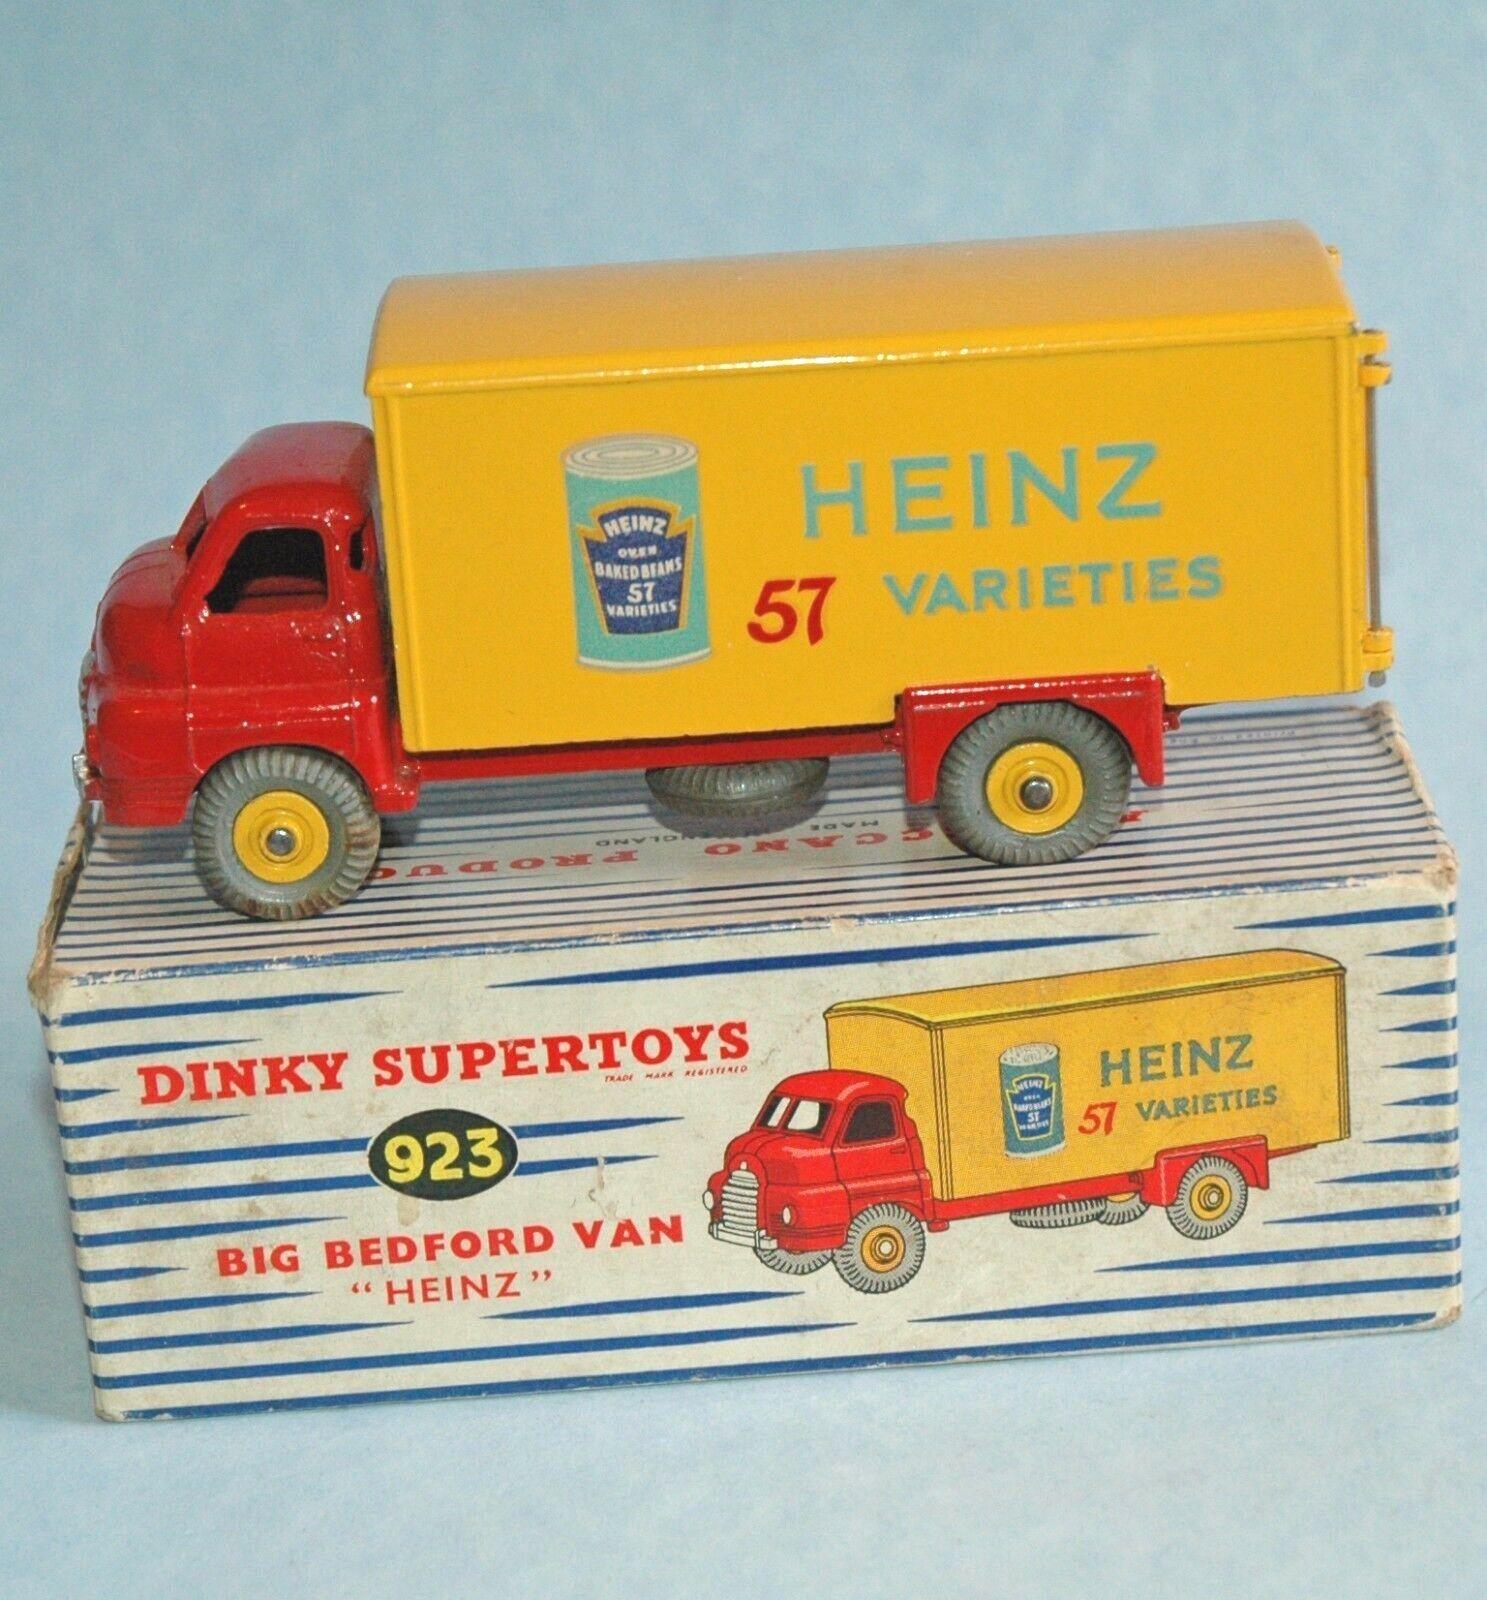 Dinky Meccano 1955 grandes Bedford Van Heinz 57 variedades judías 923 En Caja